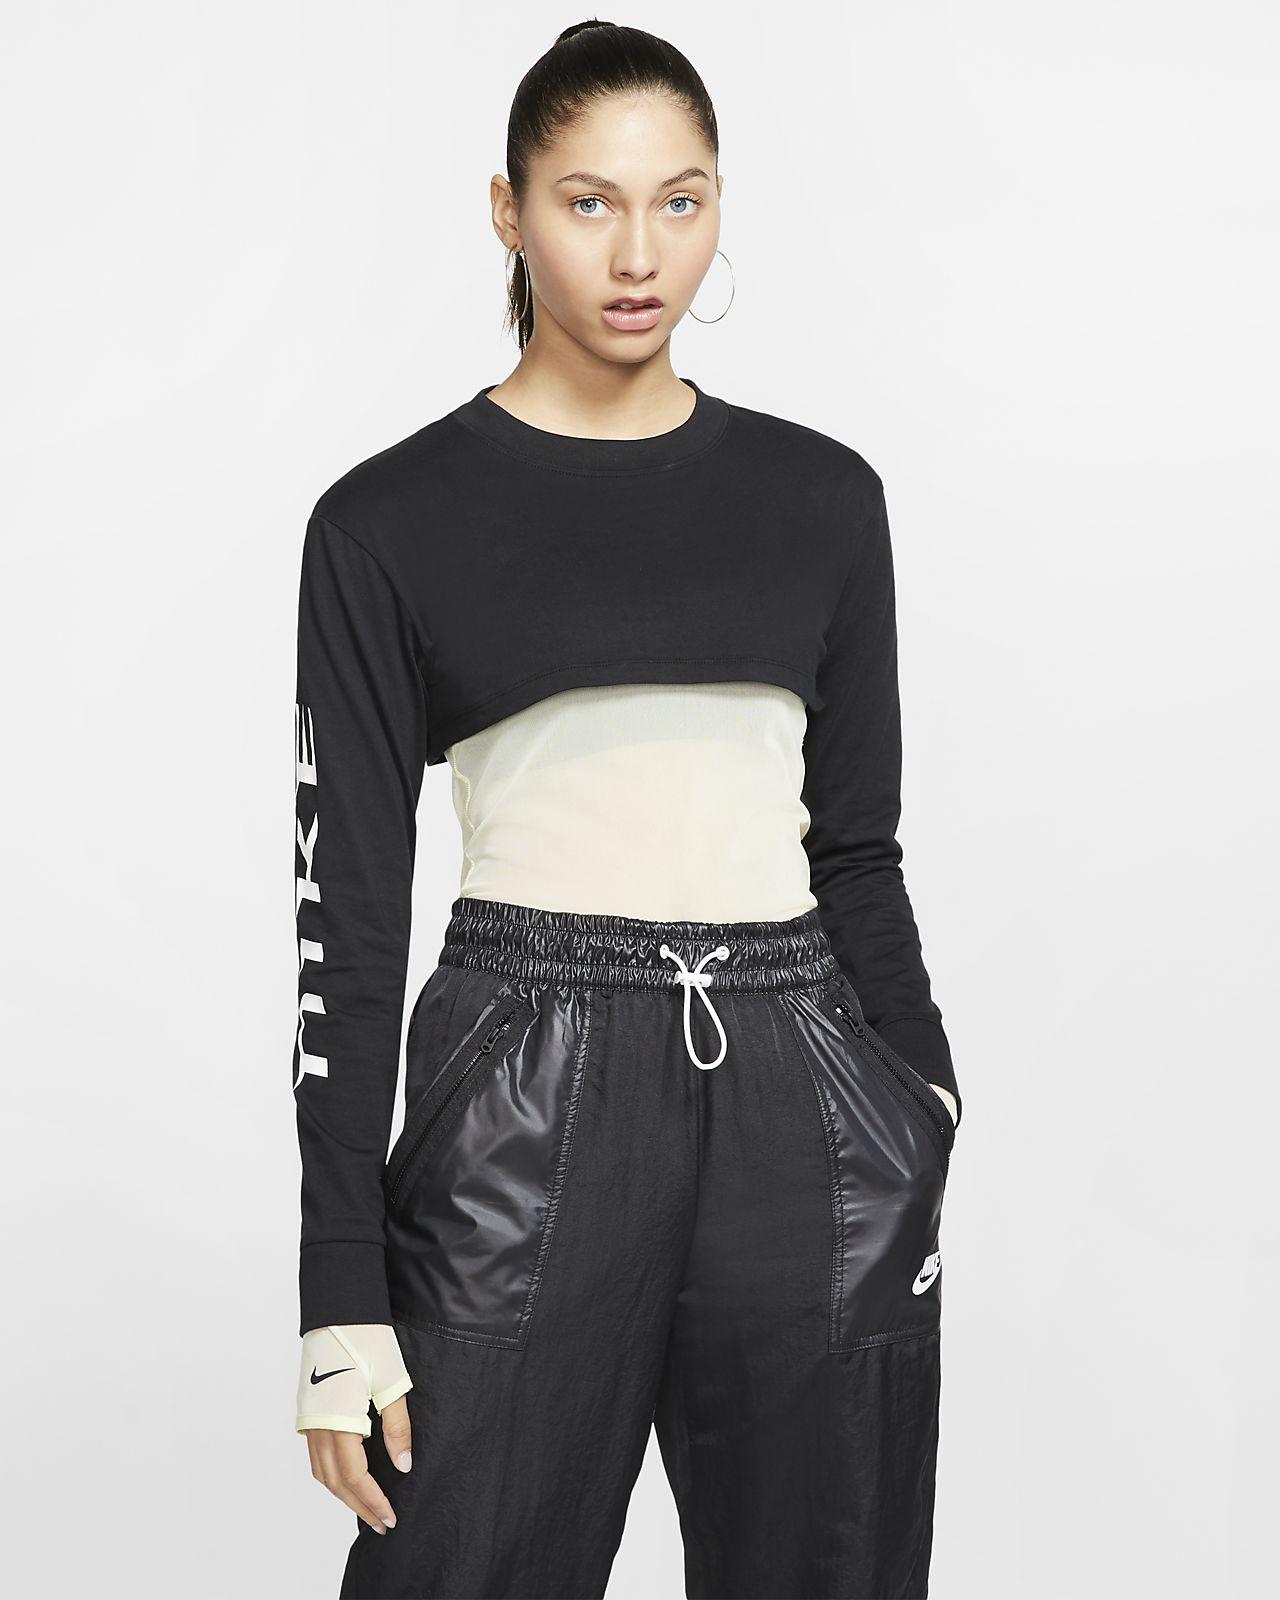 Dámský zkrácený top Nike Sportswear s dlouhým rukávem